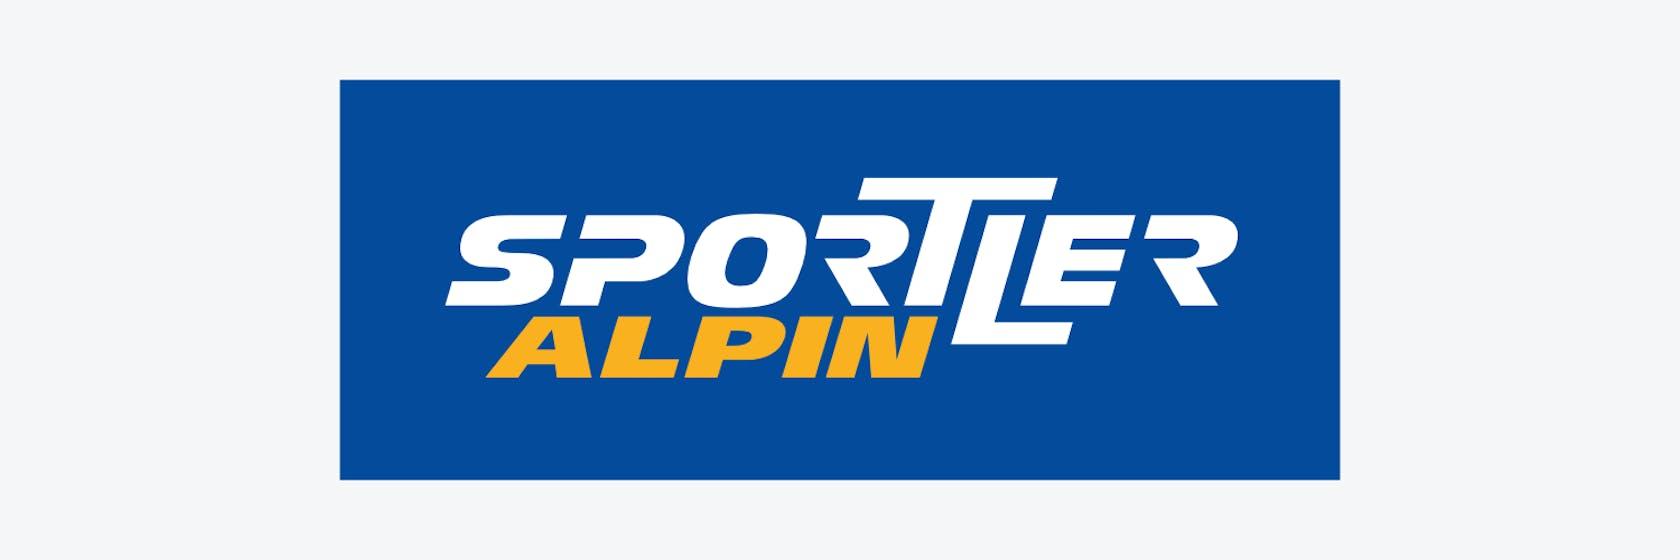 logo sportler alpin